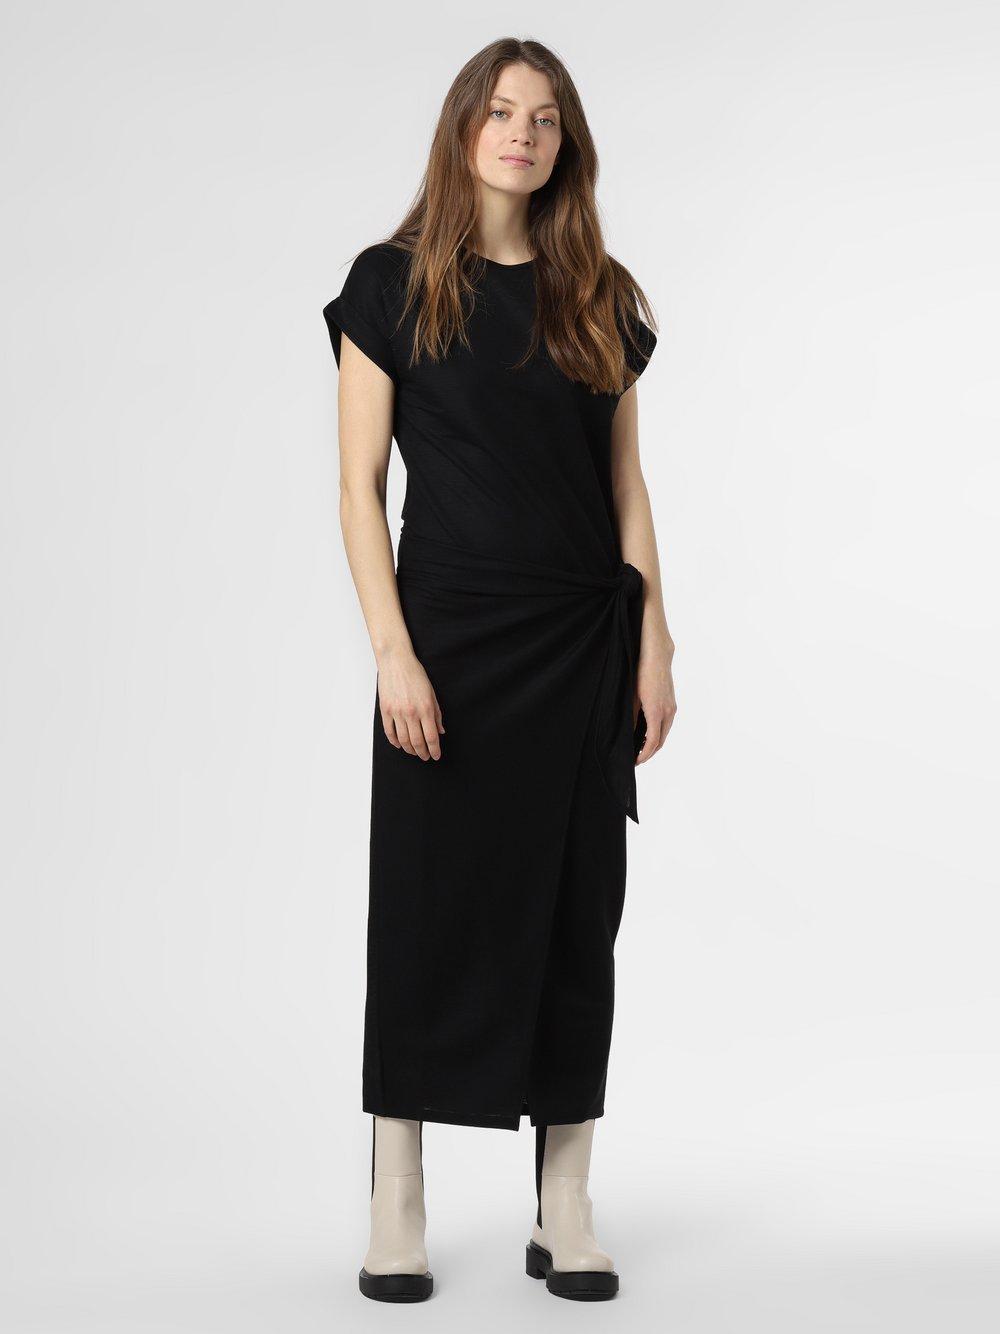 BOSS Casual - Sukienka damska – C_Elysida, czarny